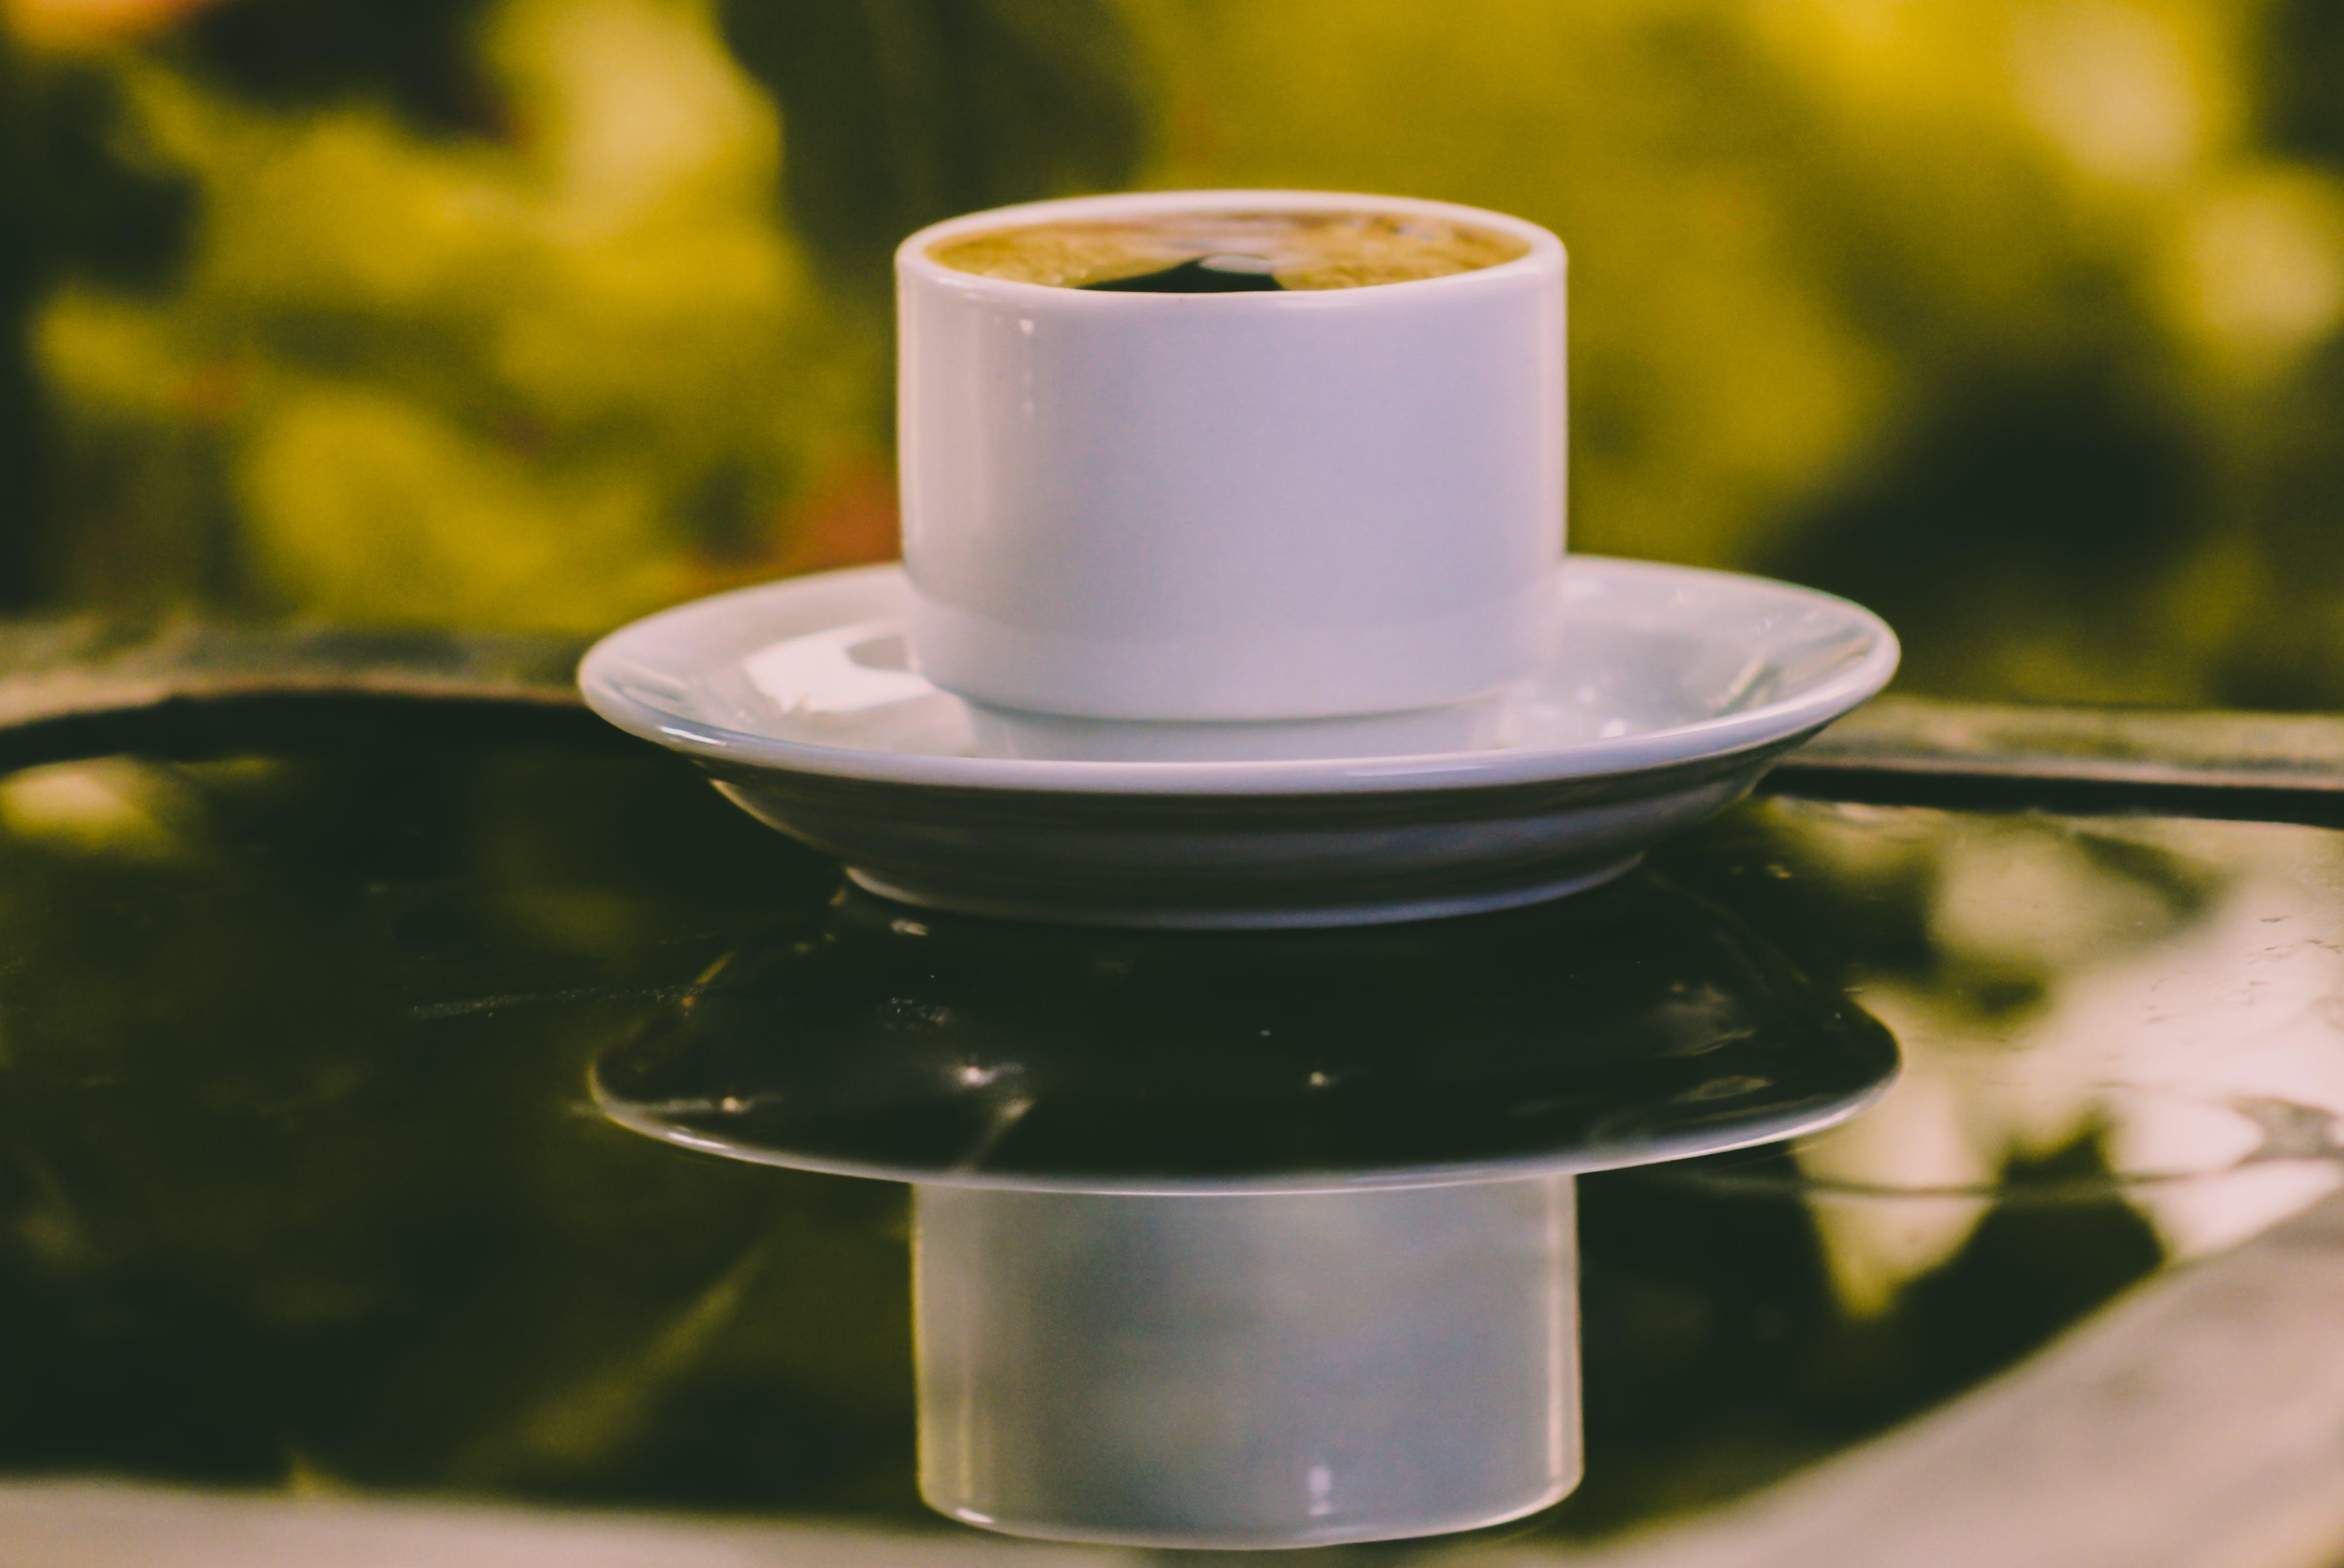 Kostenloses Stock Foto zu koffein, kaffee, tasse, getränk